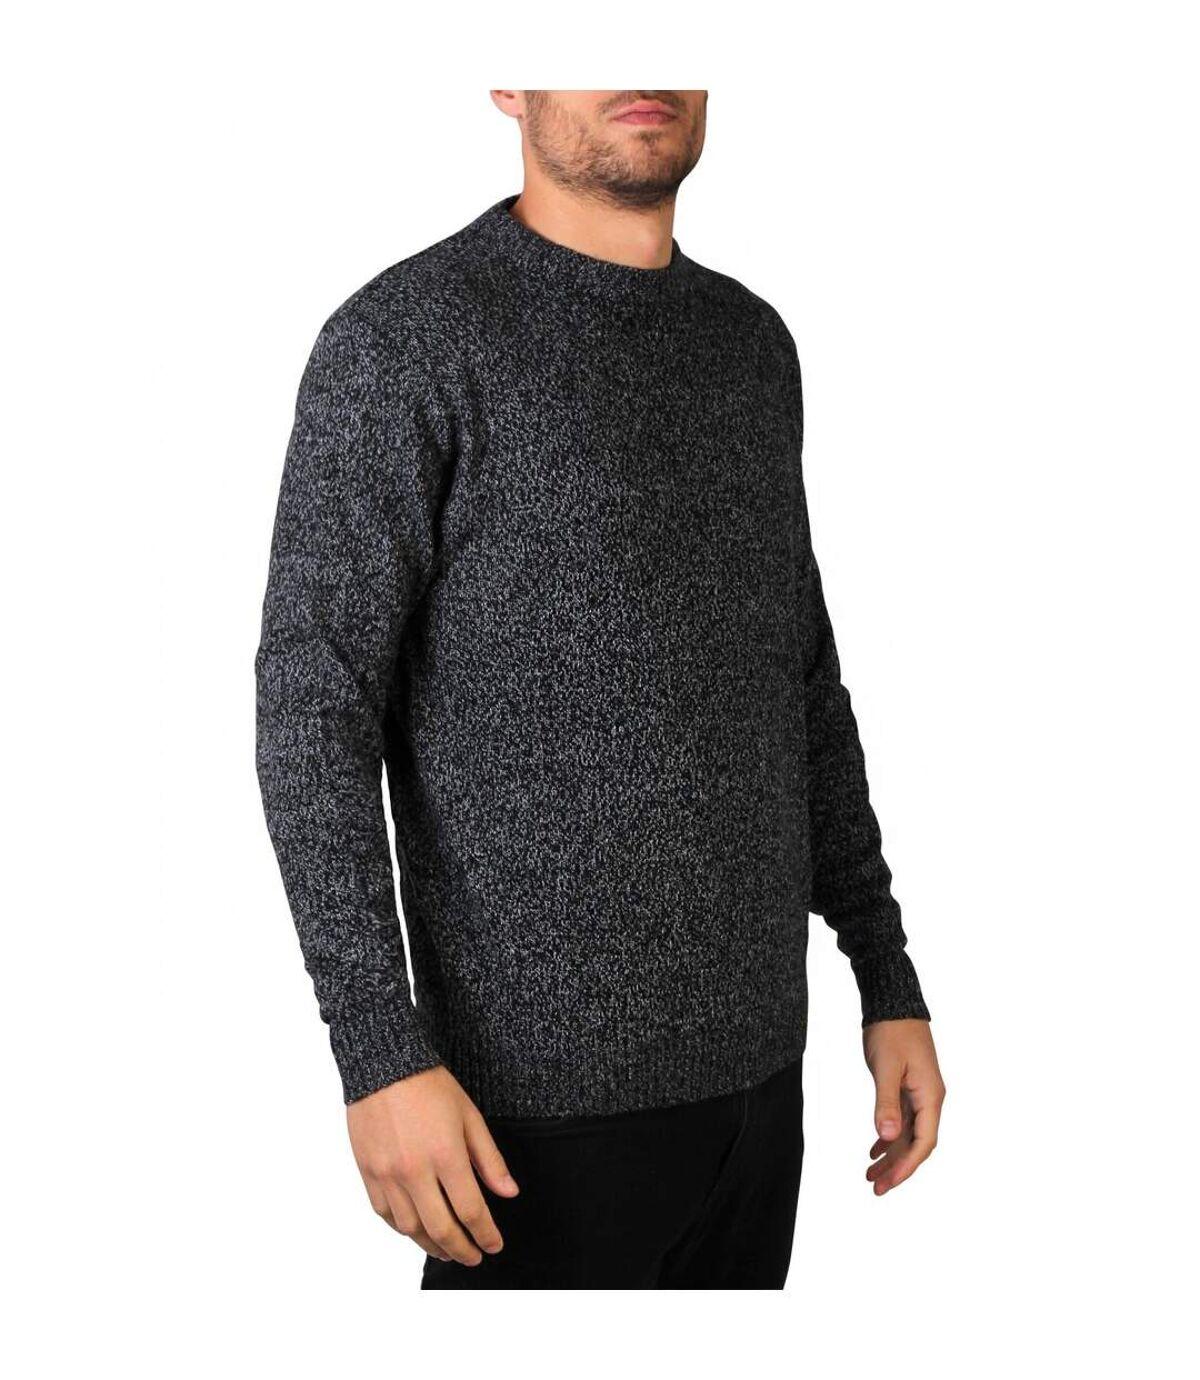 Krisp Pull à col ras du cou rond en tricot pour hommes (Noir) - UTKP137